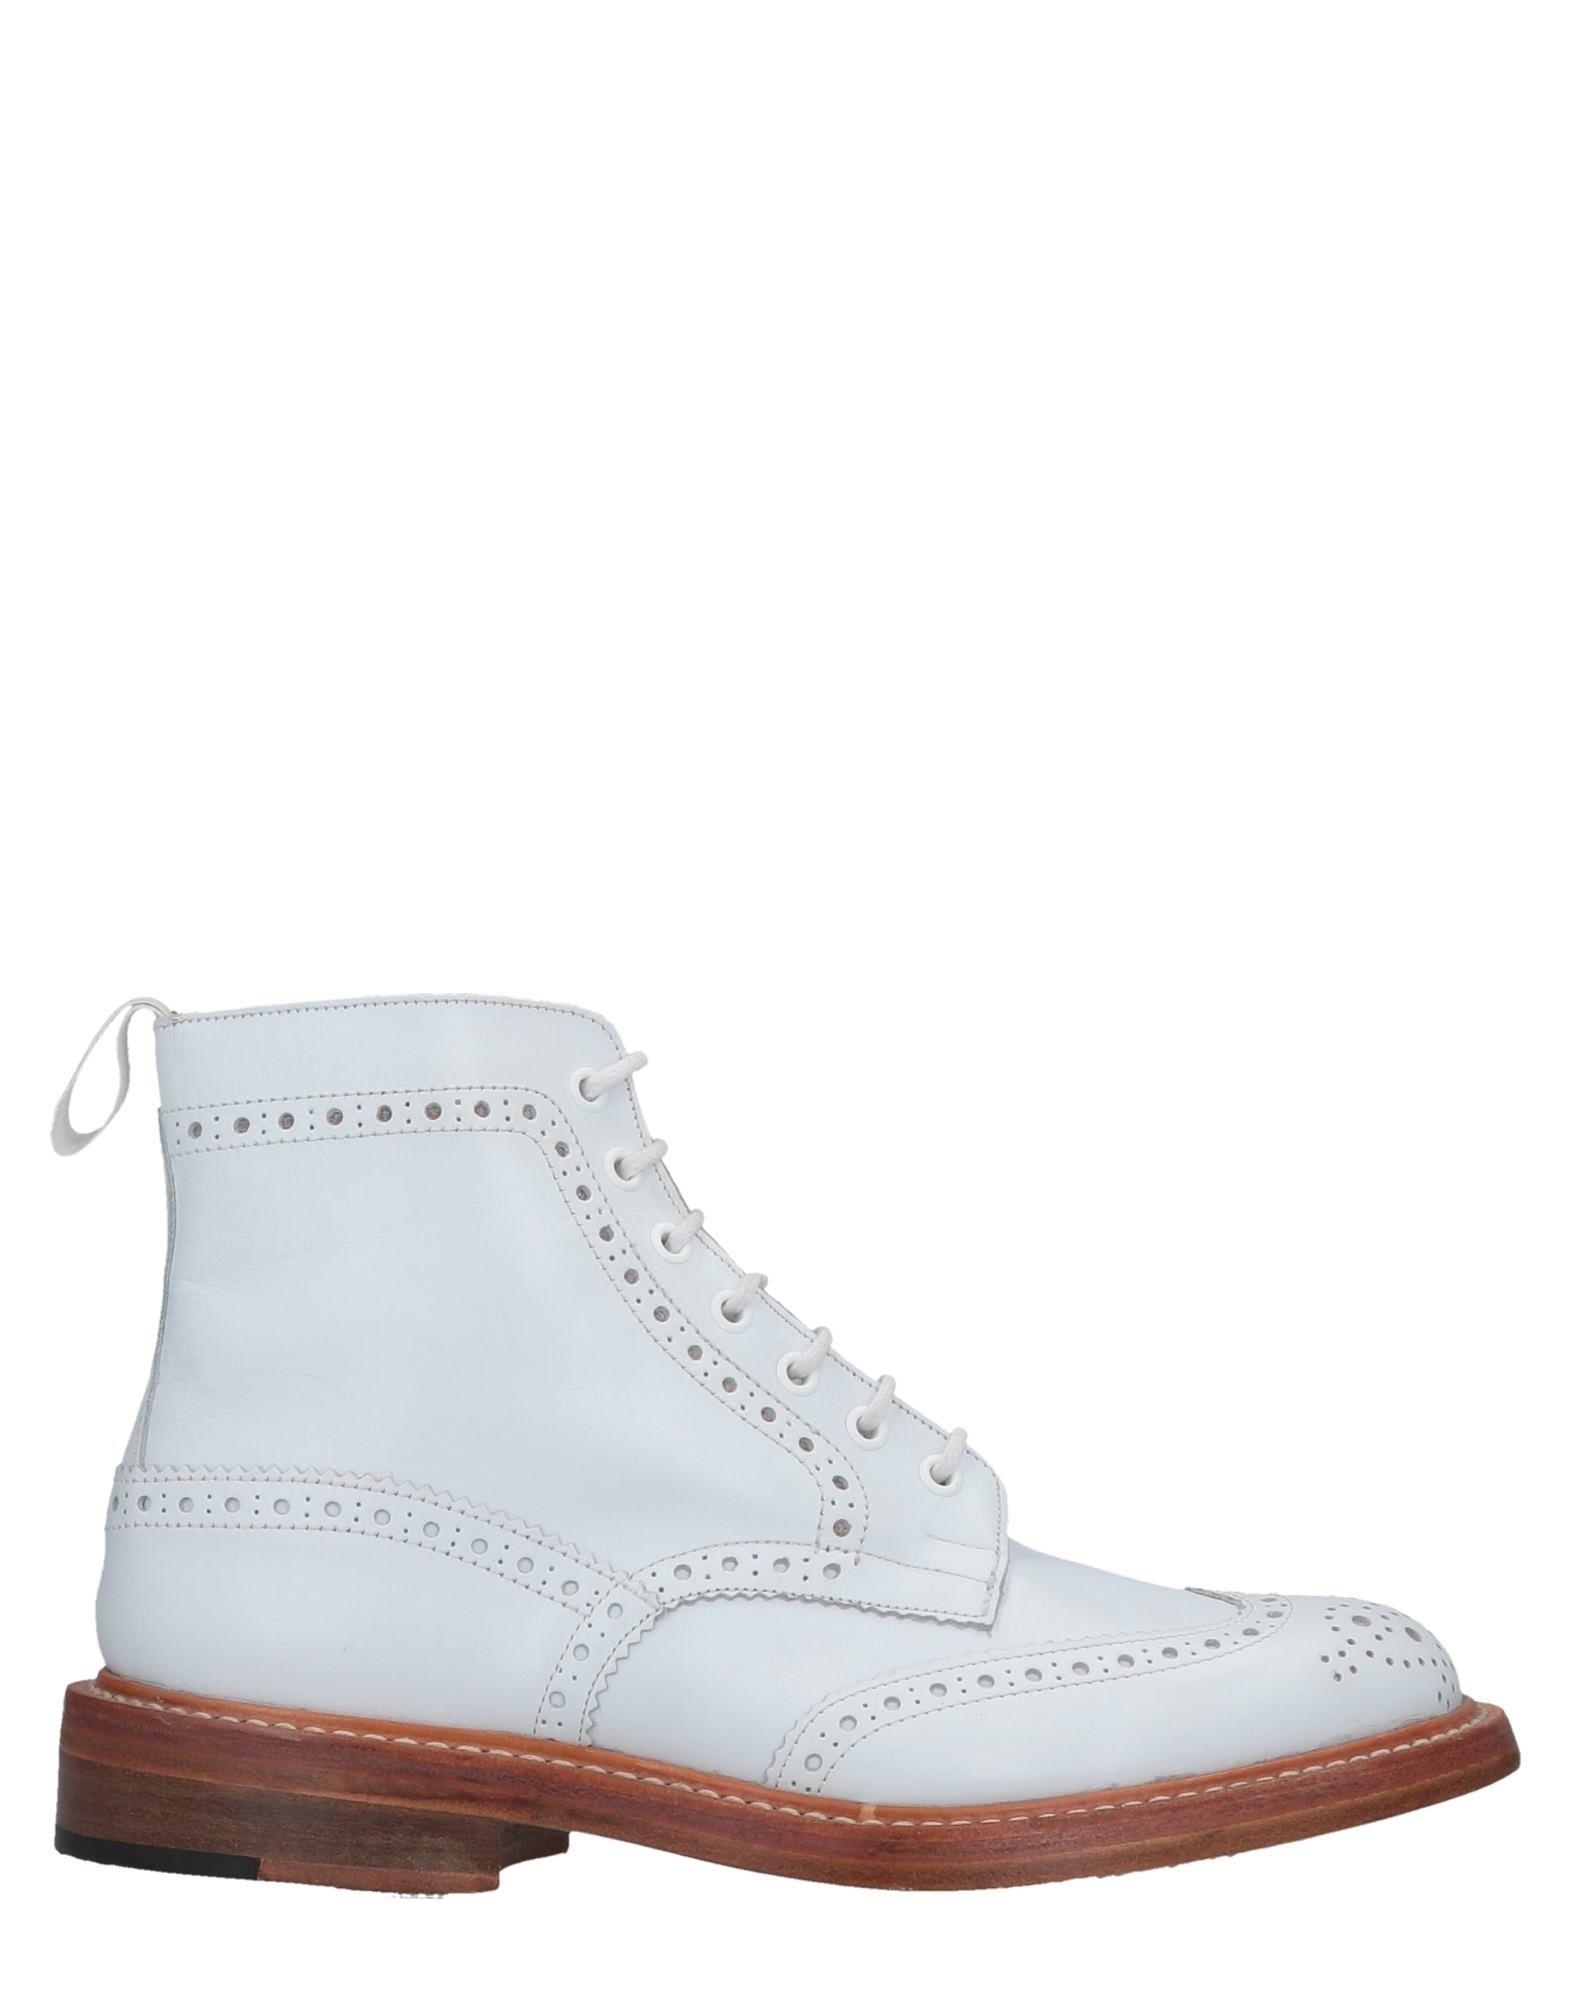 Tricker's Stiefelette Herren beliebte  11512247FW Gute Qualität beliebte Herren Schuhe 26d9ab